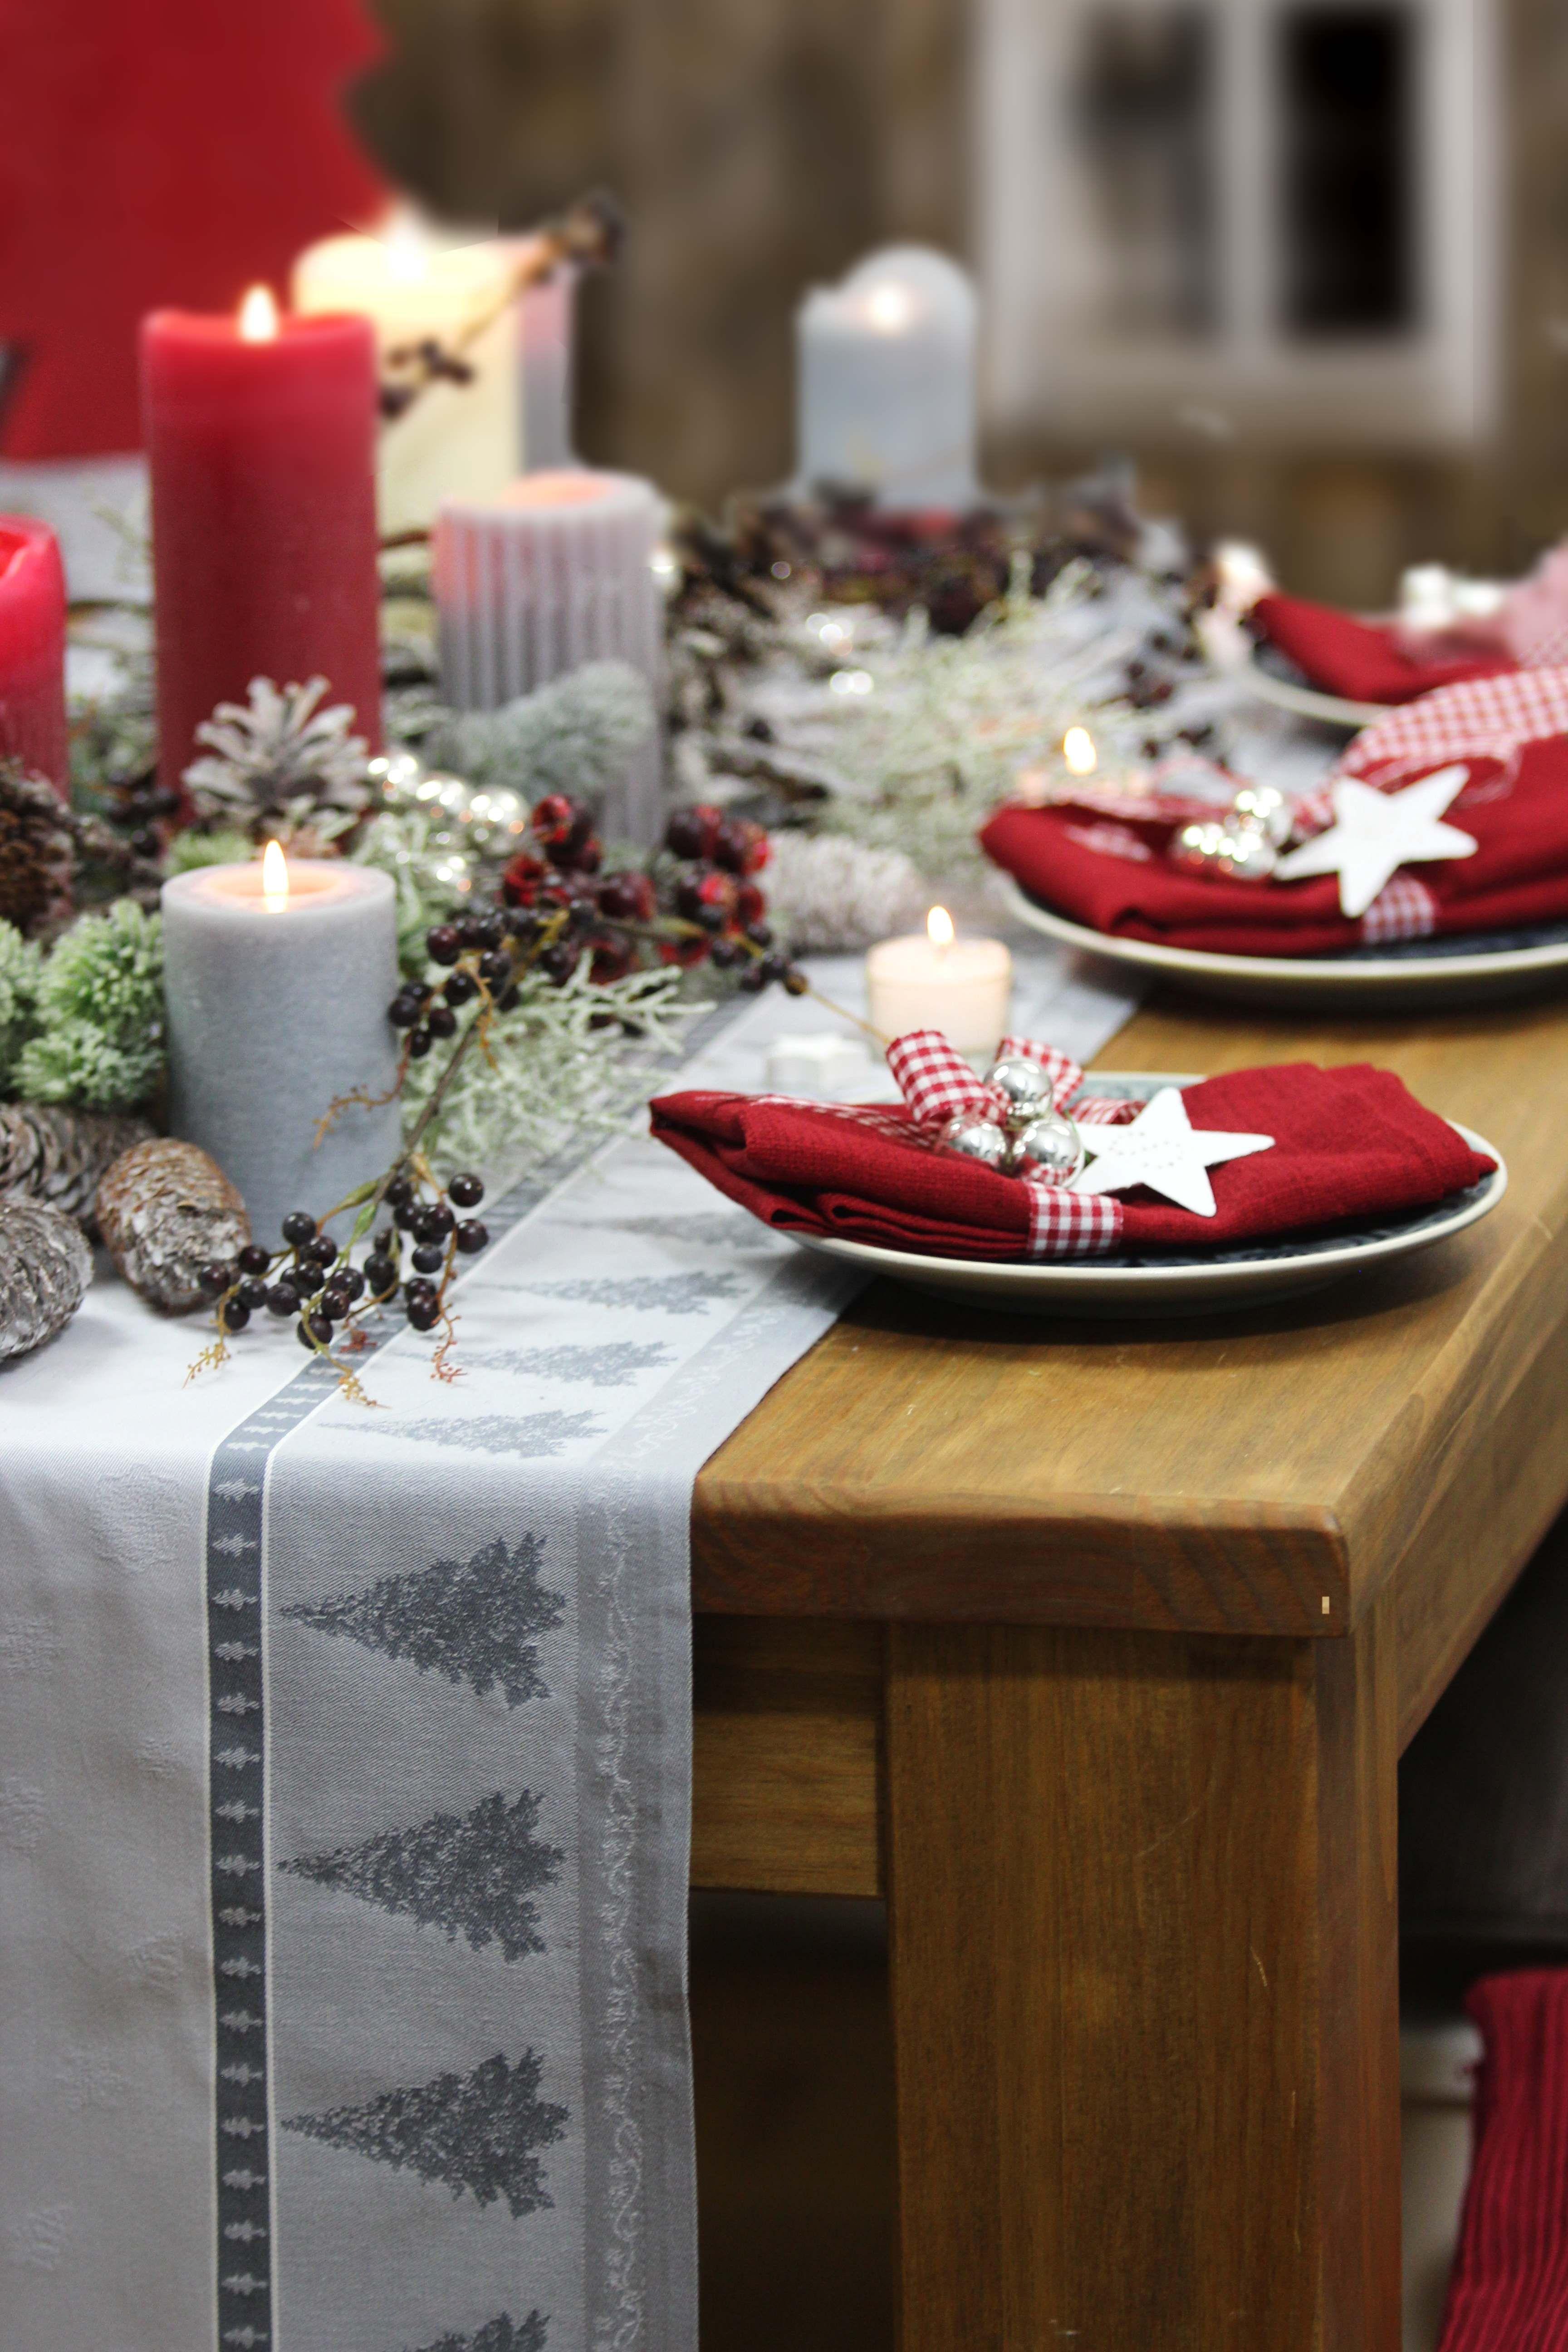 beautiful einfache dekoration und mobel tischdecke huebscher stoff fuer den gedeckten tisch 2 #3: Ŵir lieben die Kombination grau mit rot zu Weihnachten! Tischläufer: X-mas  Trees